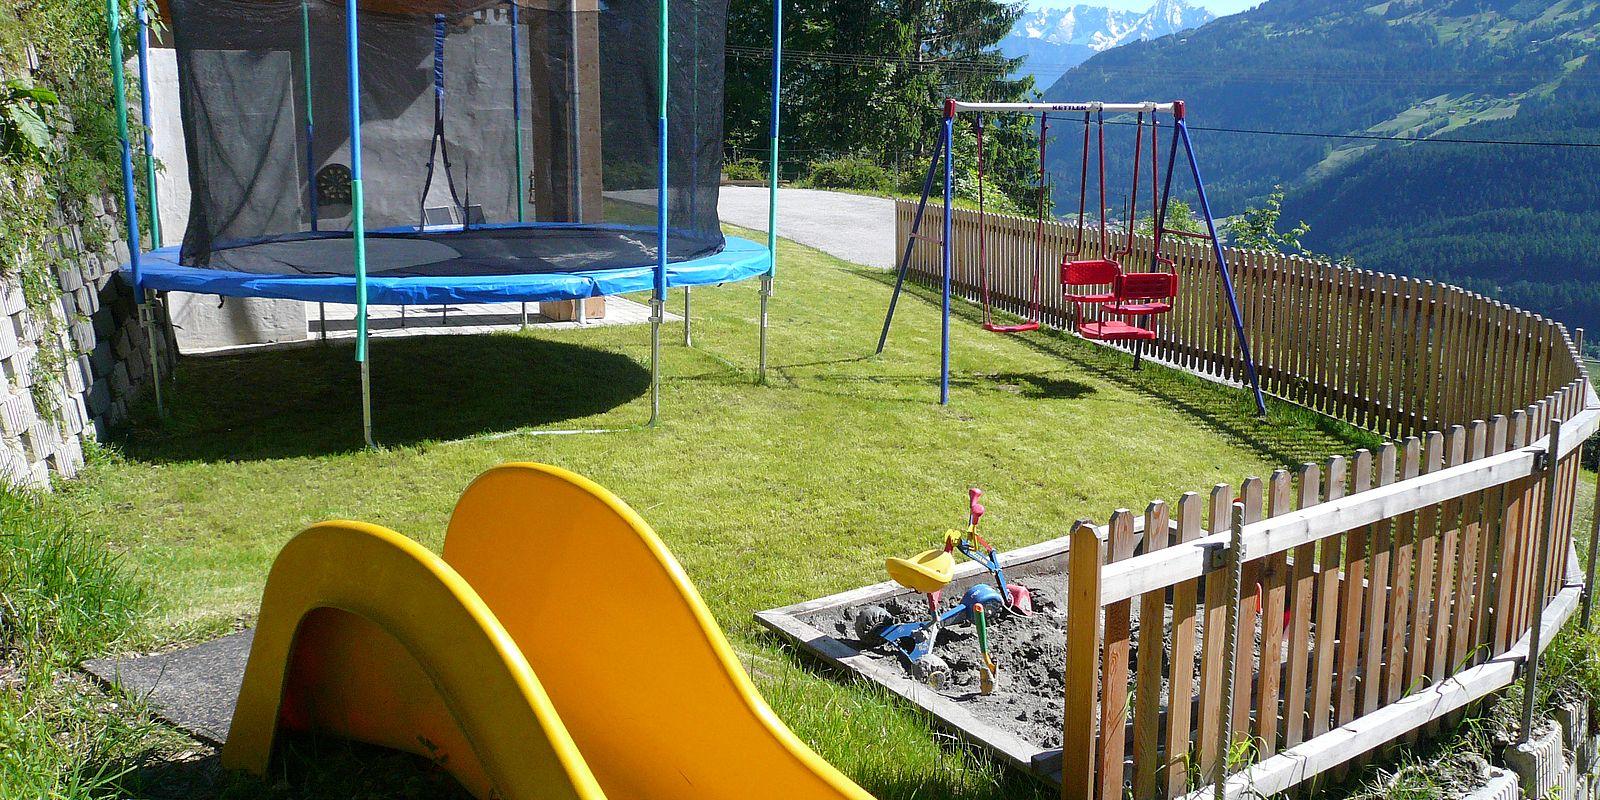 Kinderspielplatz mit Rutsche und Trampolin